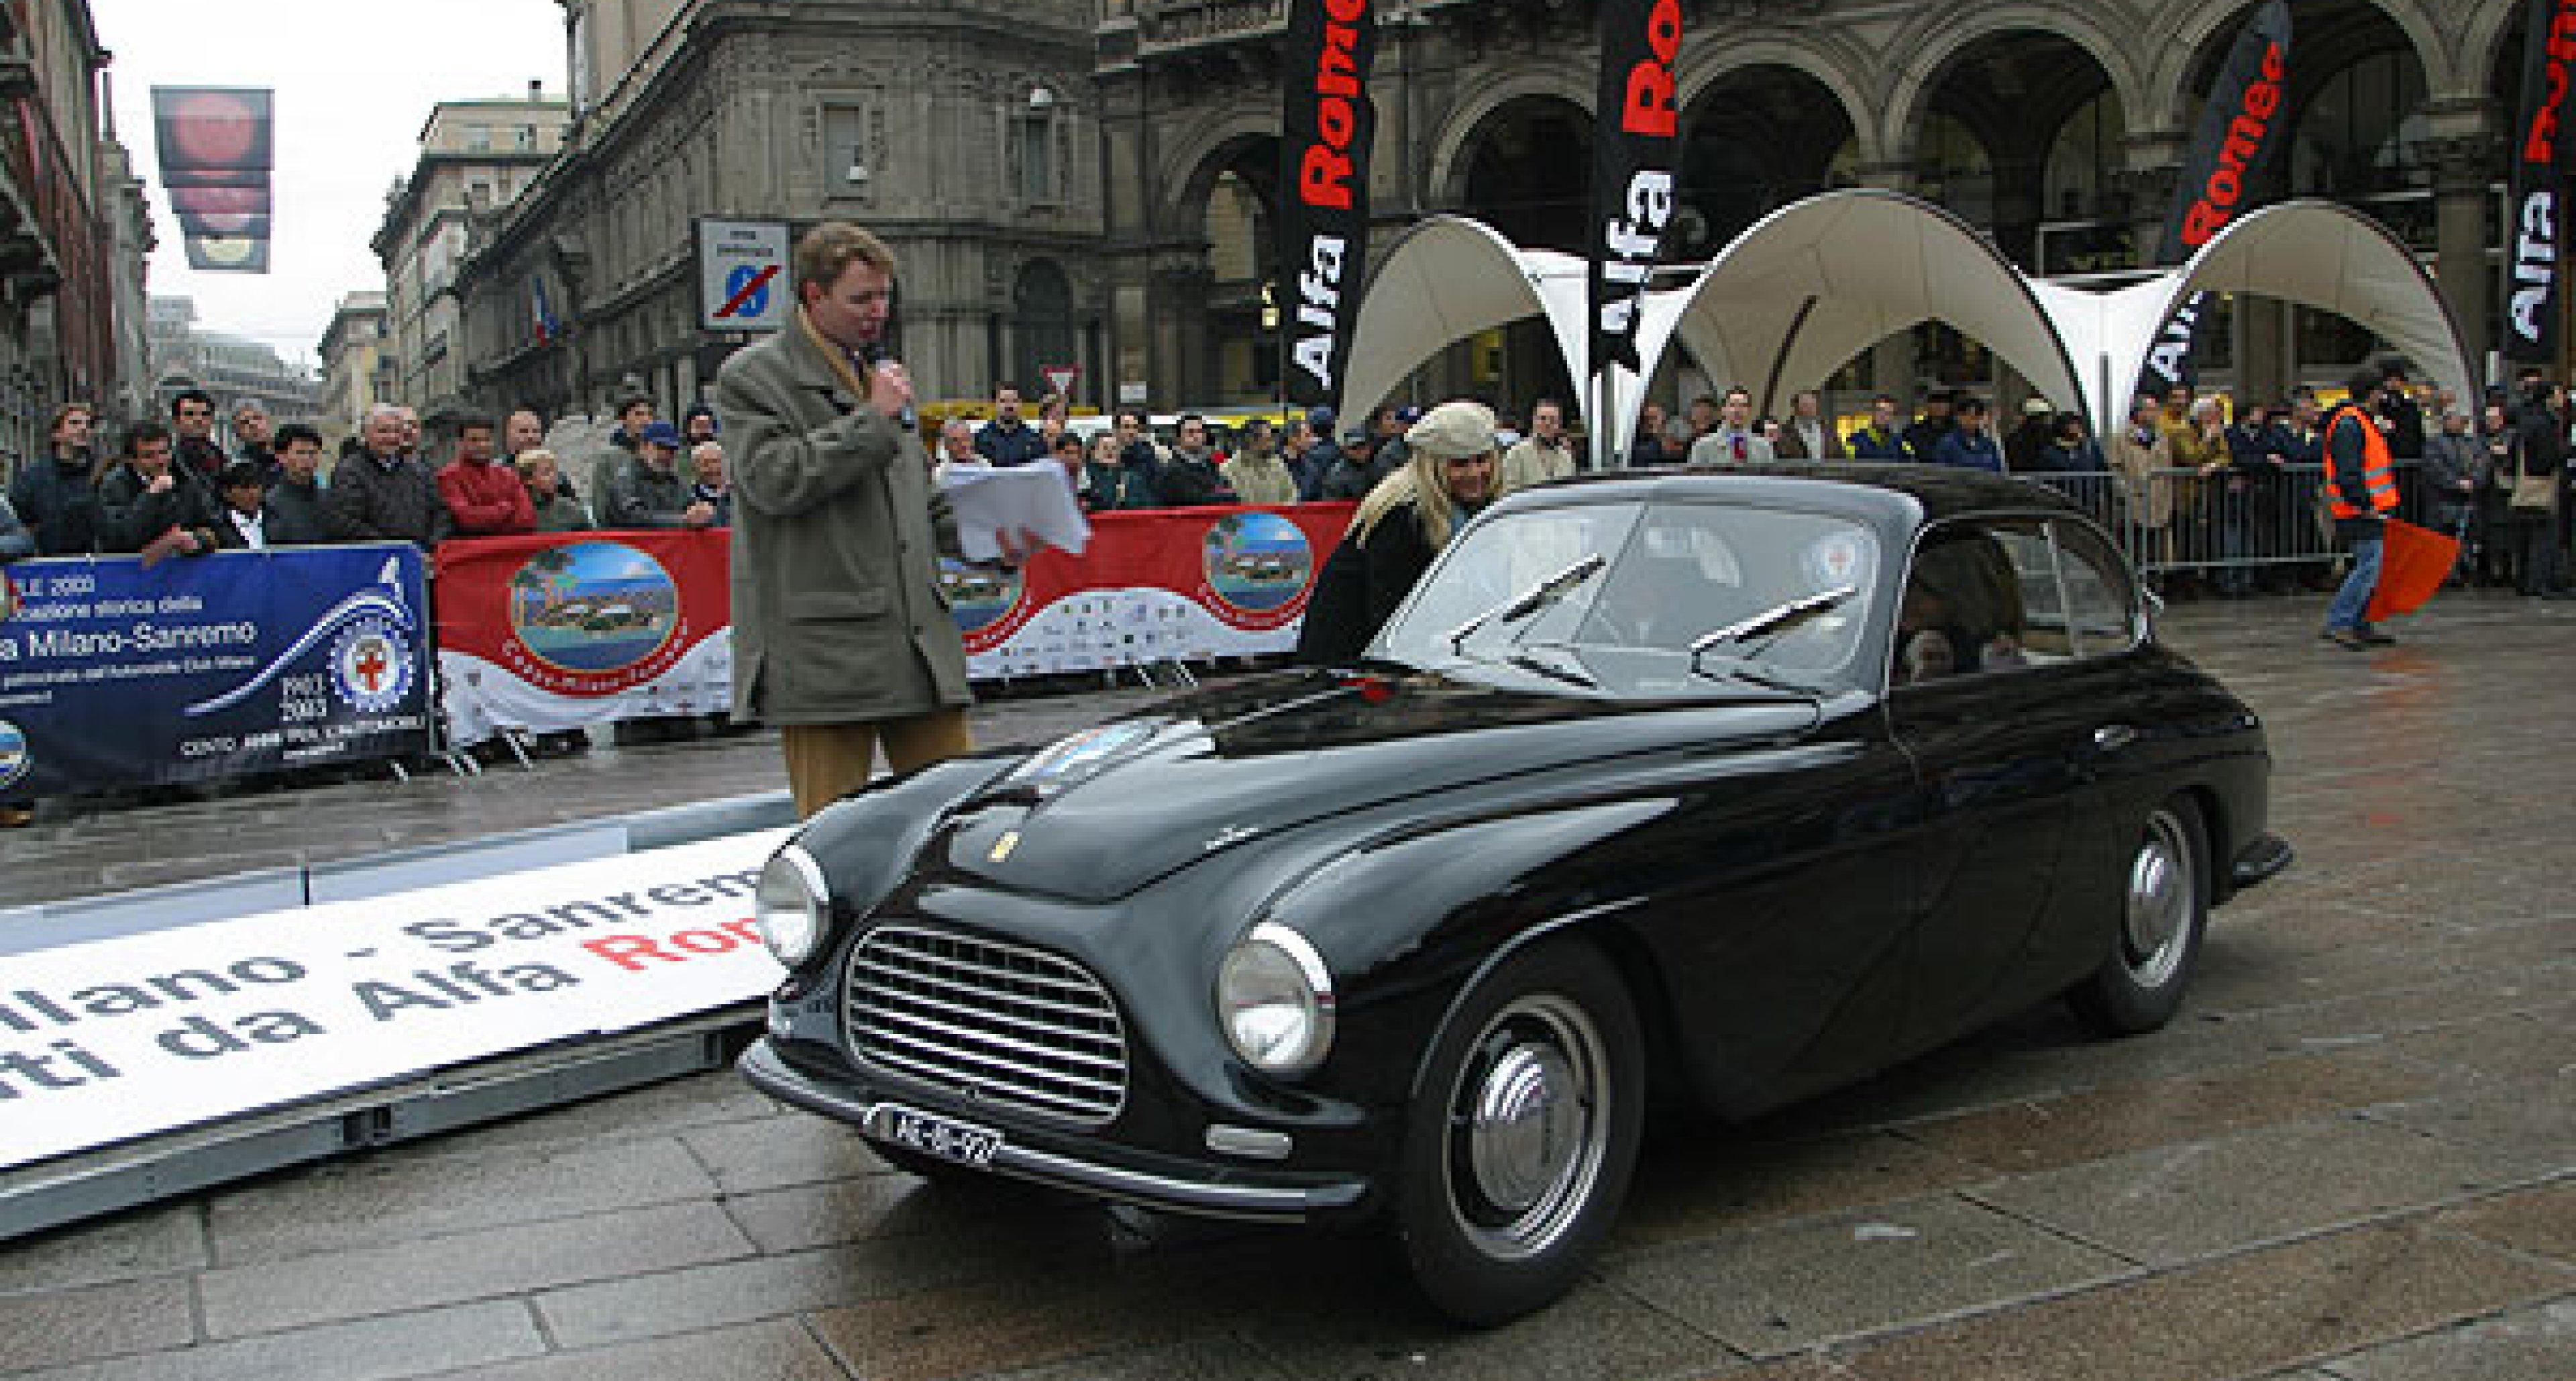 Coppa Milano-Sanremo 2003